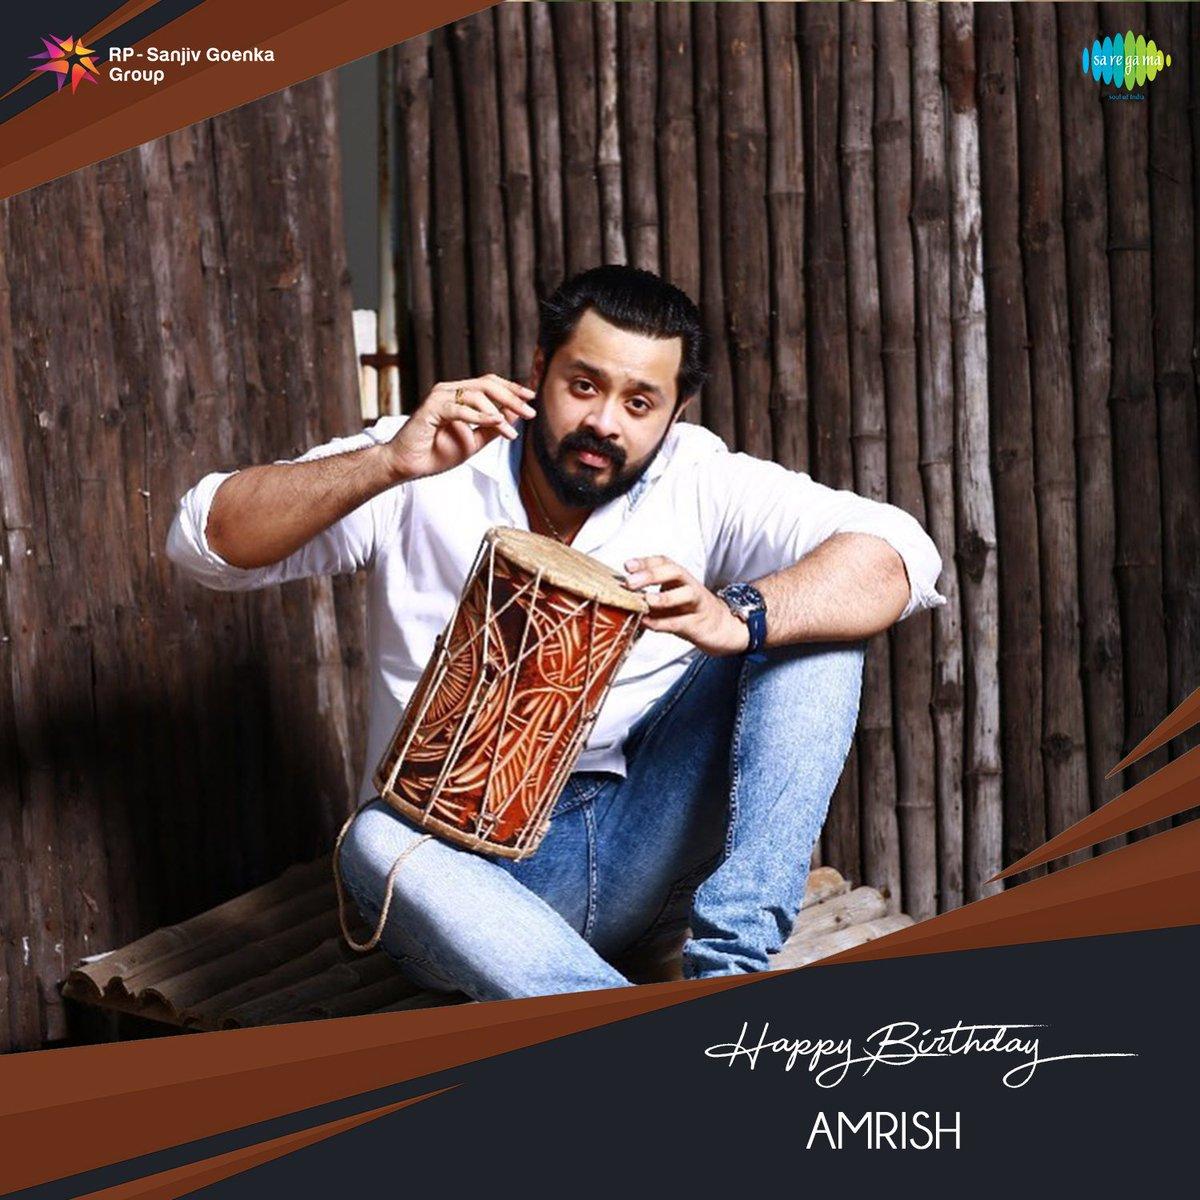 Birthday wishes to the talented music director @AmrishRocks1   #SaregamaWishes #HBDAmrish #HappyBirthdayAmrish https://t.co/eb3f3BmGDz